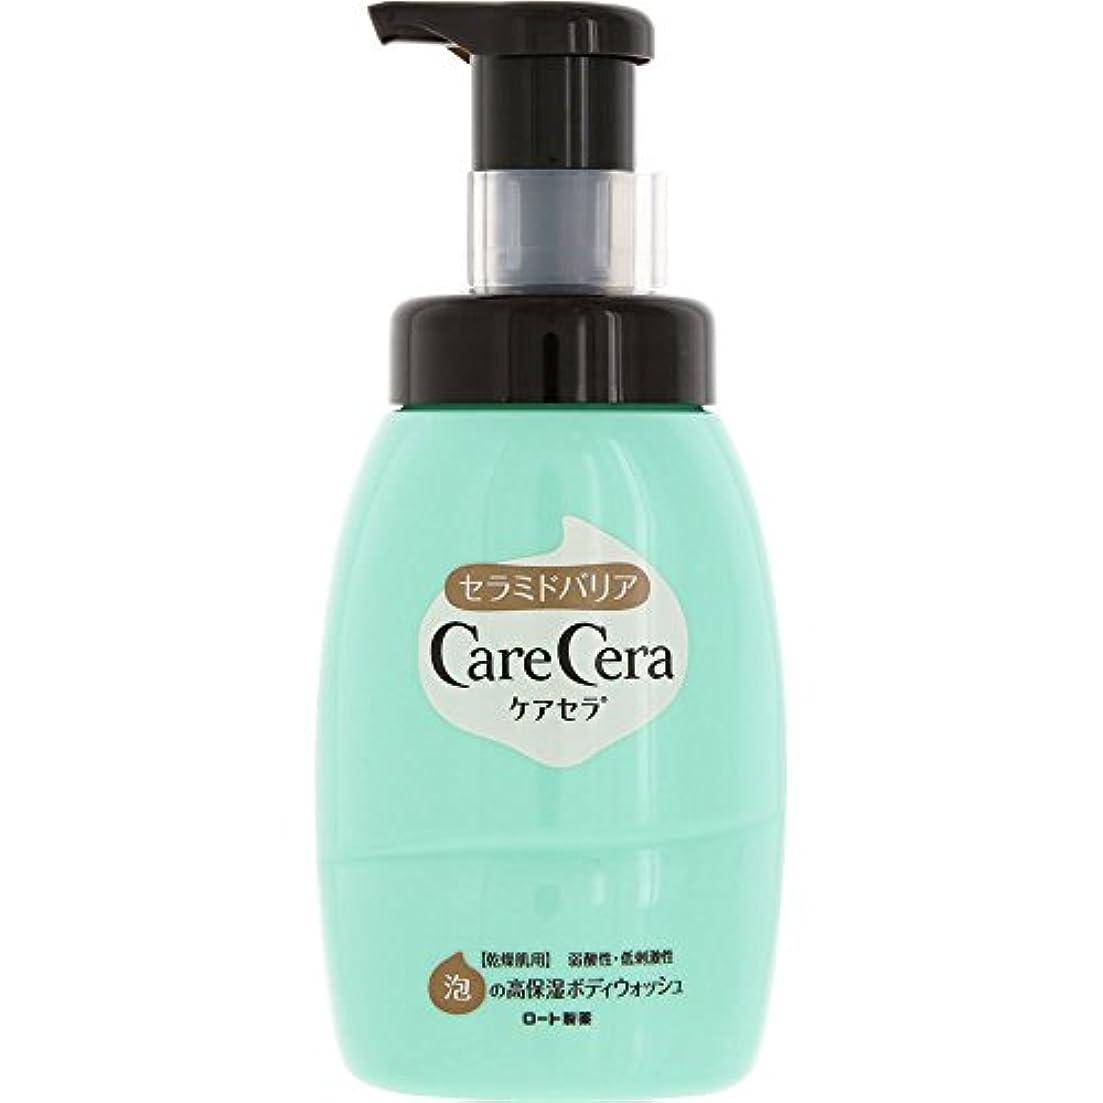 スクラブ永久に崇拝しますケアセラ(CareCera) ロート製薬 ケアセラ  天然型セラミド7種配合 セラミド濃度10倍泡の高保湿 全身ボディウォッシュ ピュアフローラルの香り お試し企画品 300mL